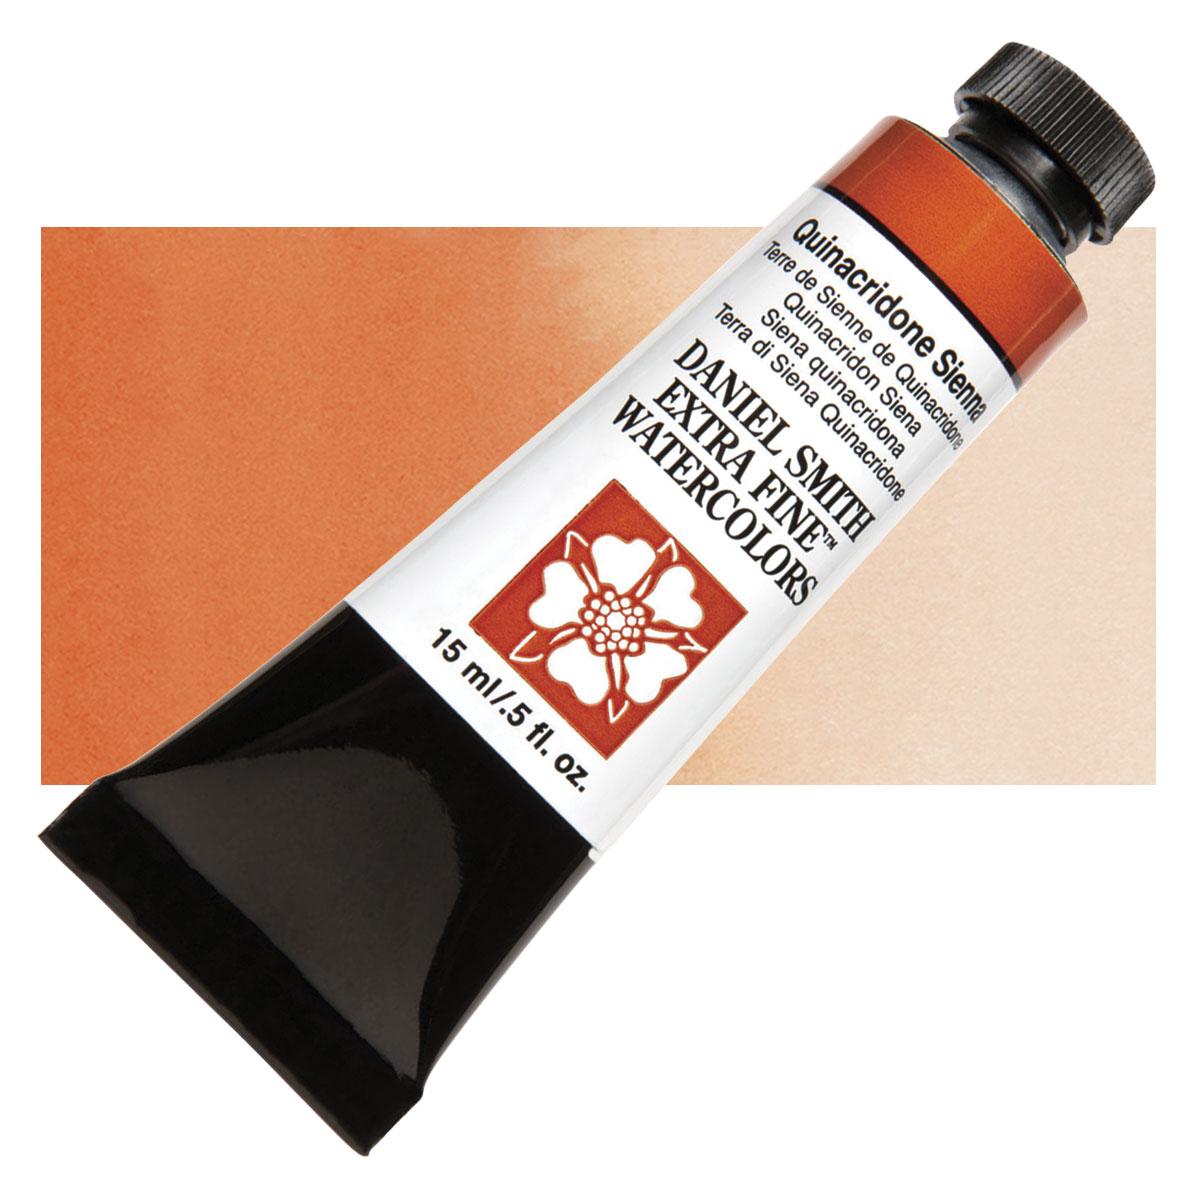 01767 1051 Daniel Smith Extra Fine Watercolors Blick